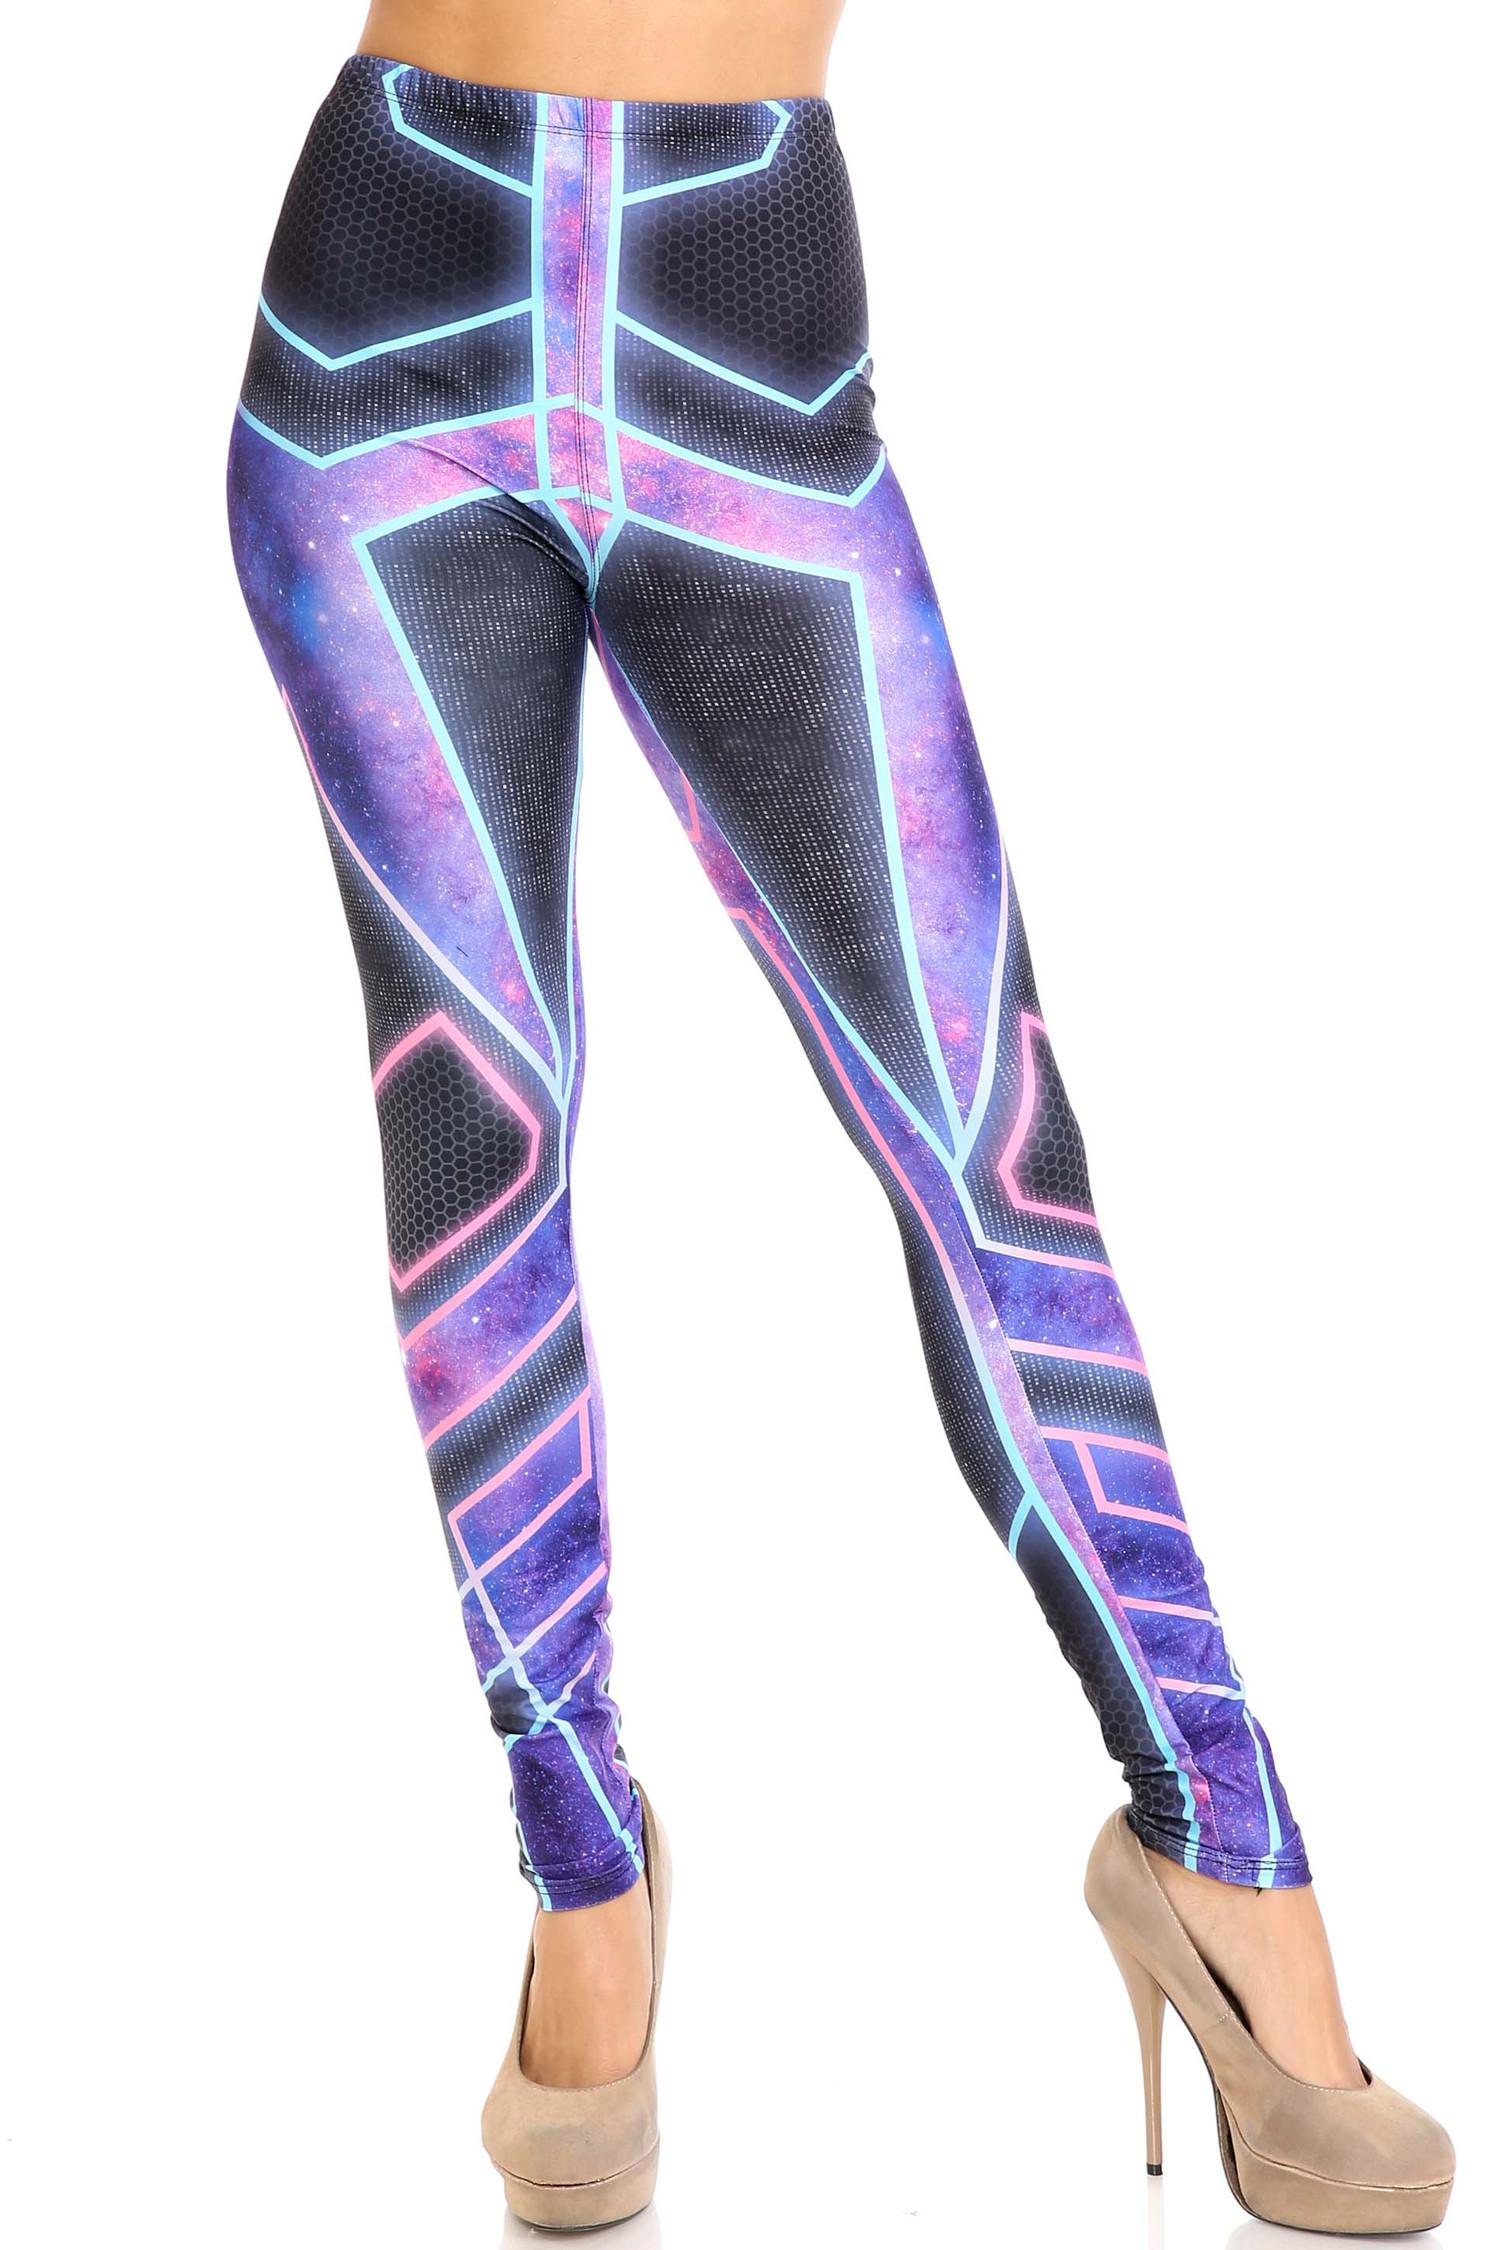 Creamy Soft Futura Leggings - USA Fashion™